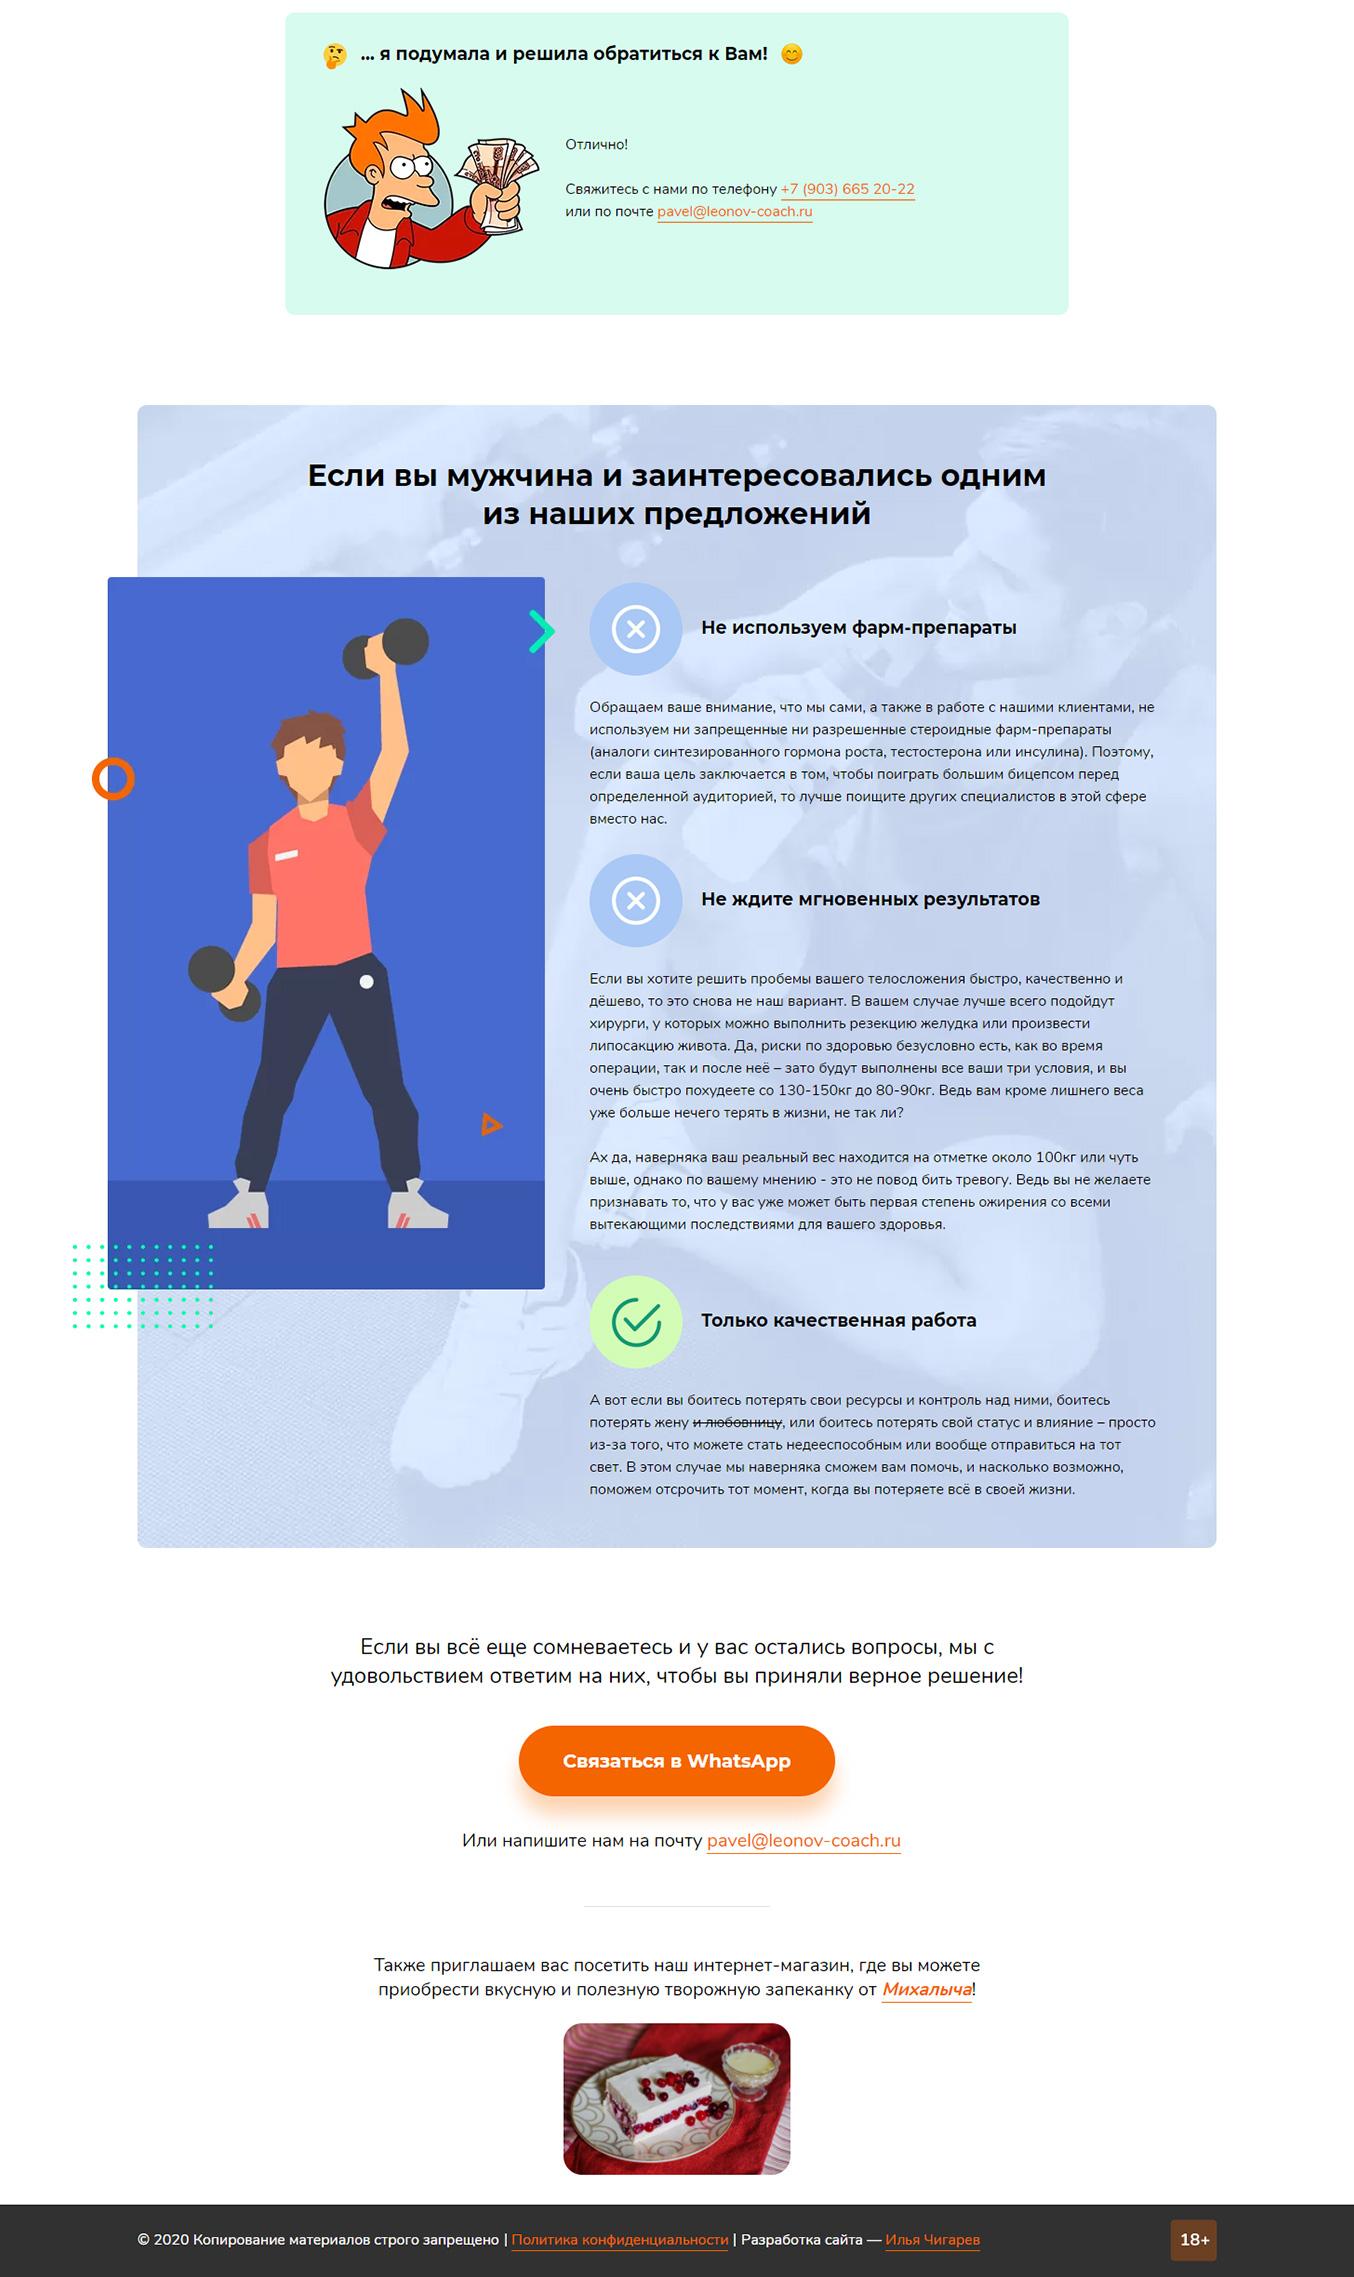 Кейс: Сайт визитка фитнес тренеров